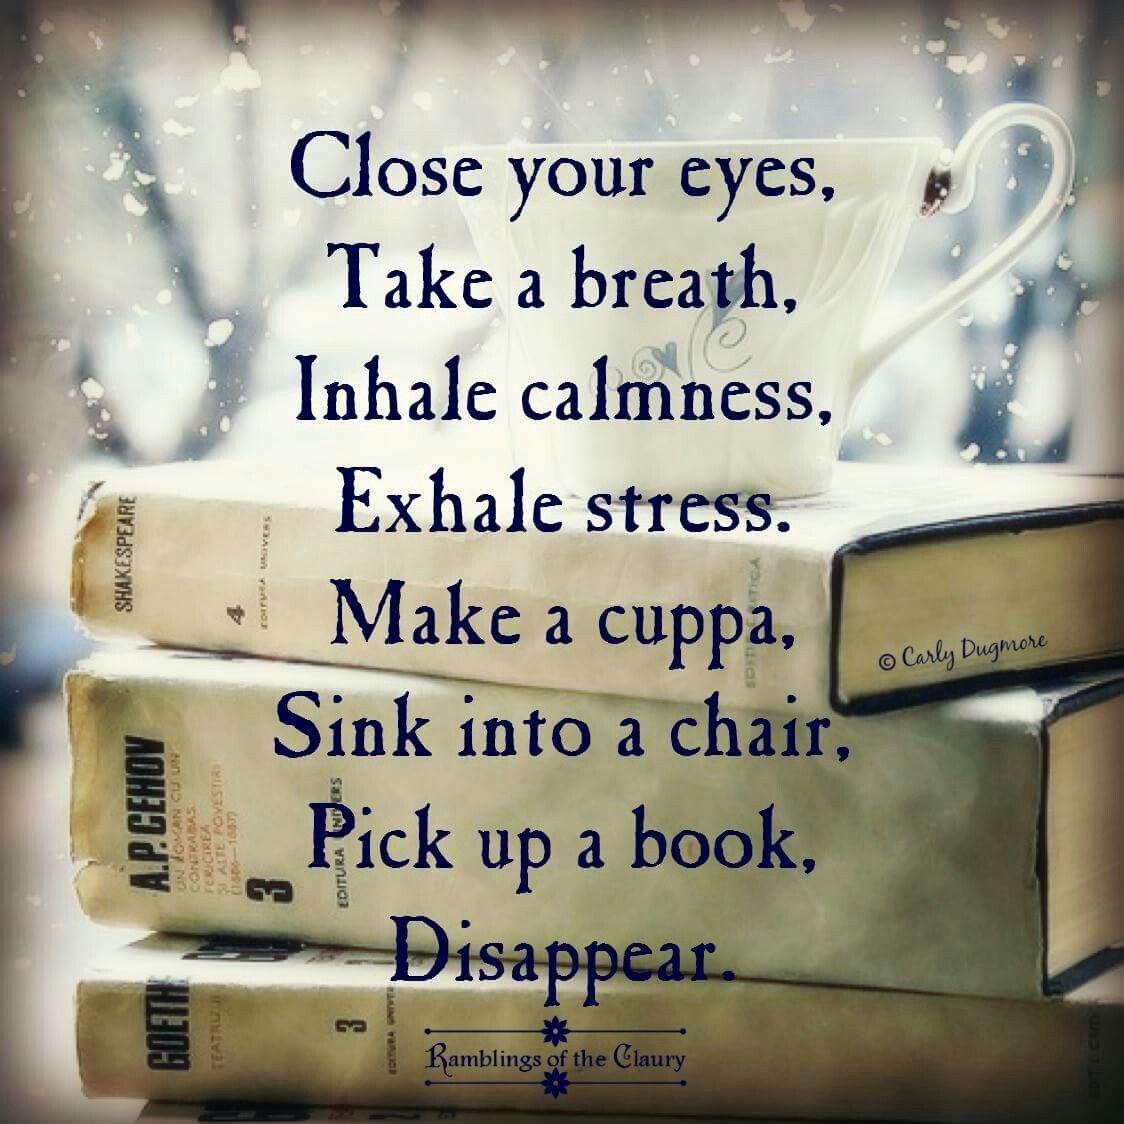 Zum Lesen Bucher Lesen Weisheiten Spruche Lebensweisheiten Liebe Spruch Zitat Bilder Bibliothek Gute Spruche Freizeit